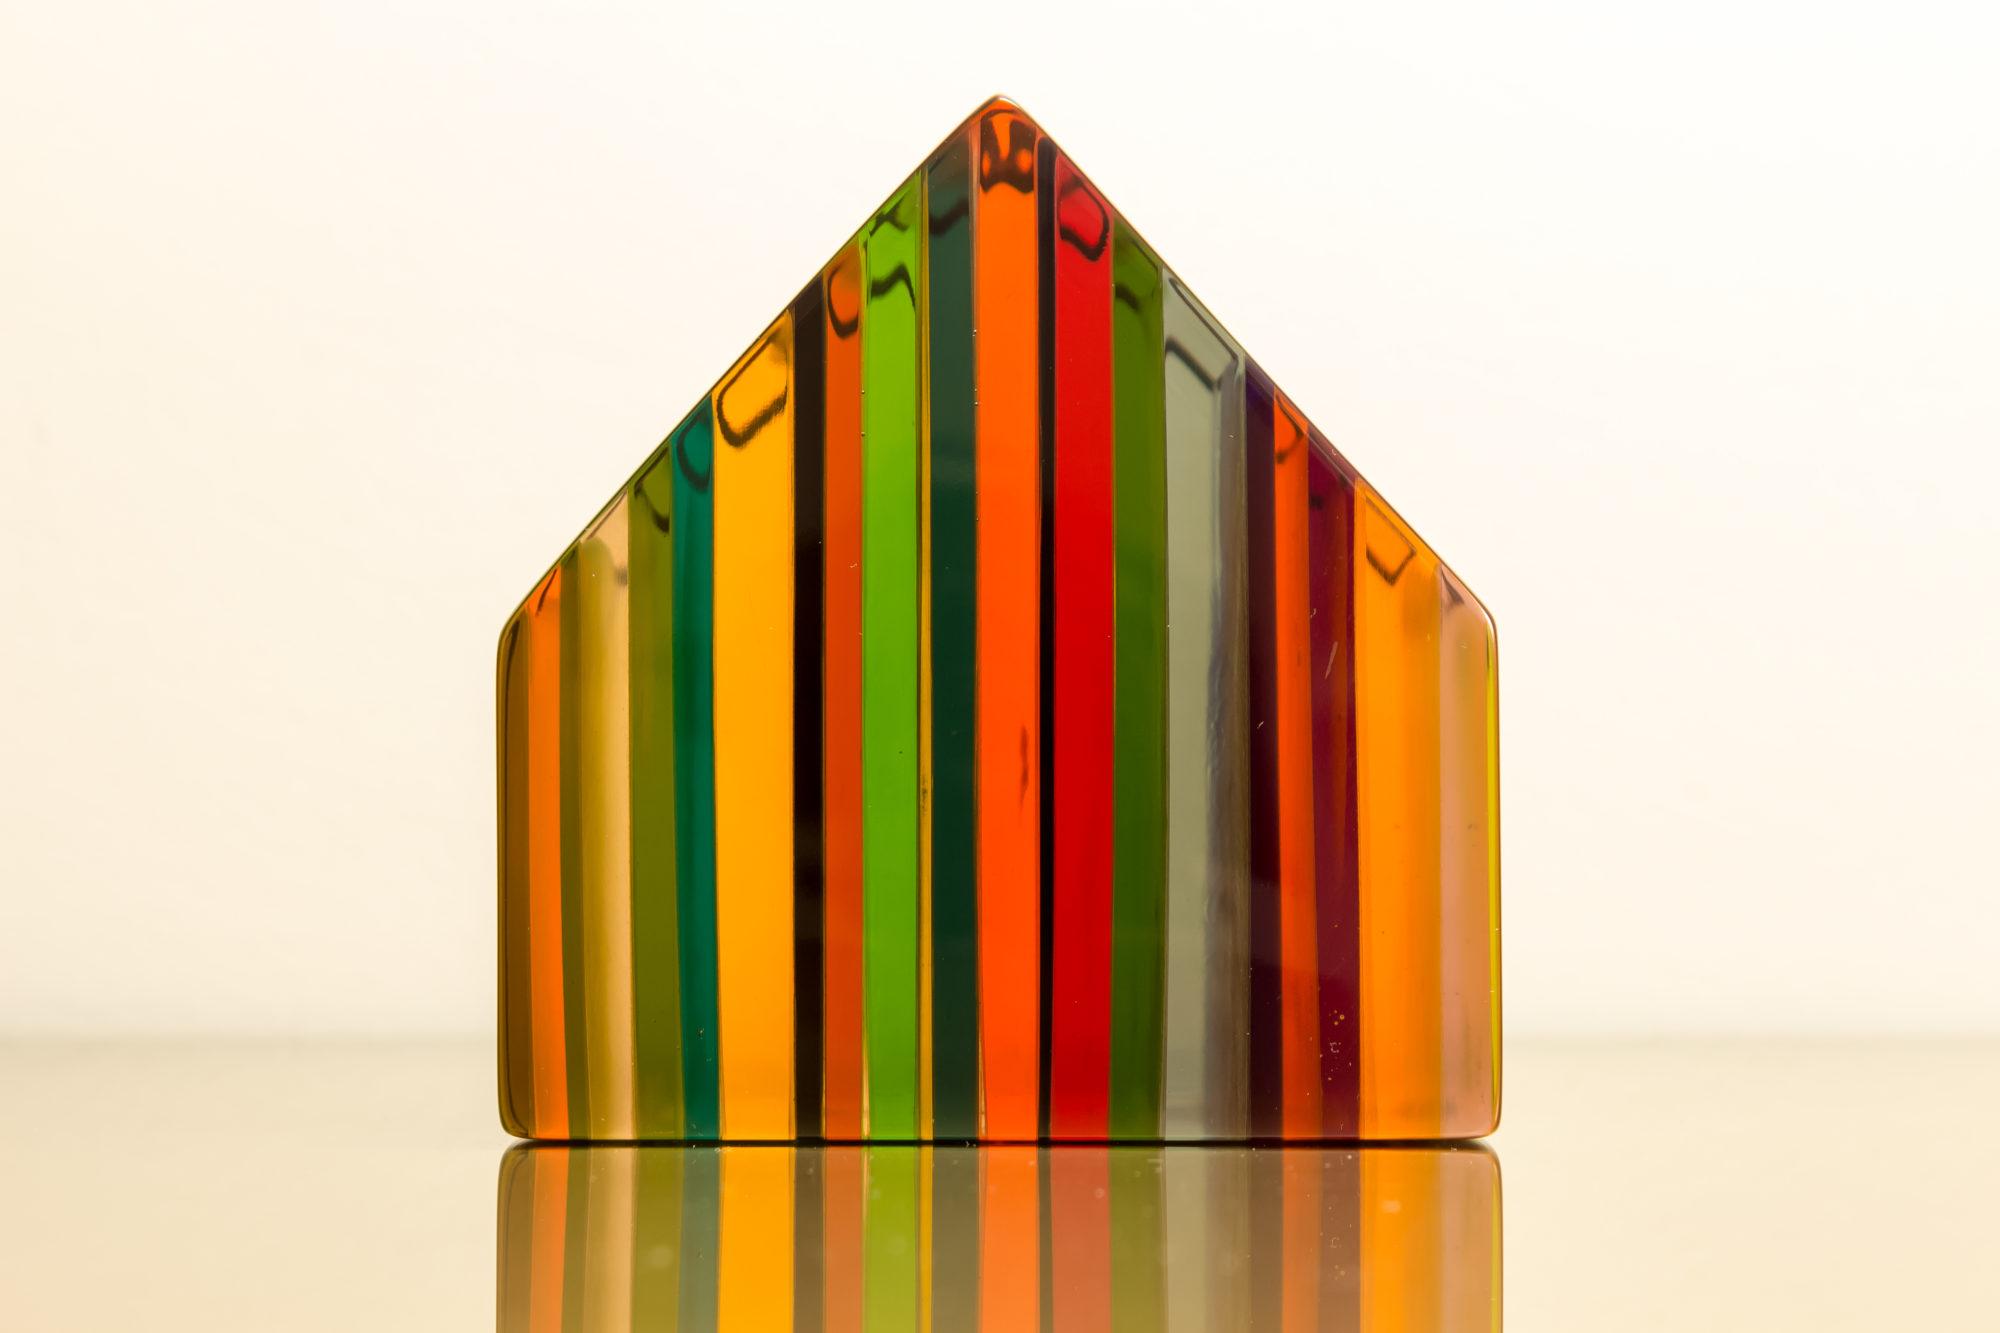 À propos - Galerie Imane Farès